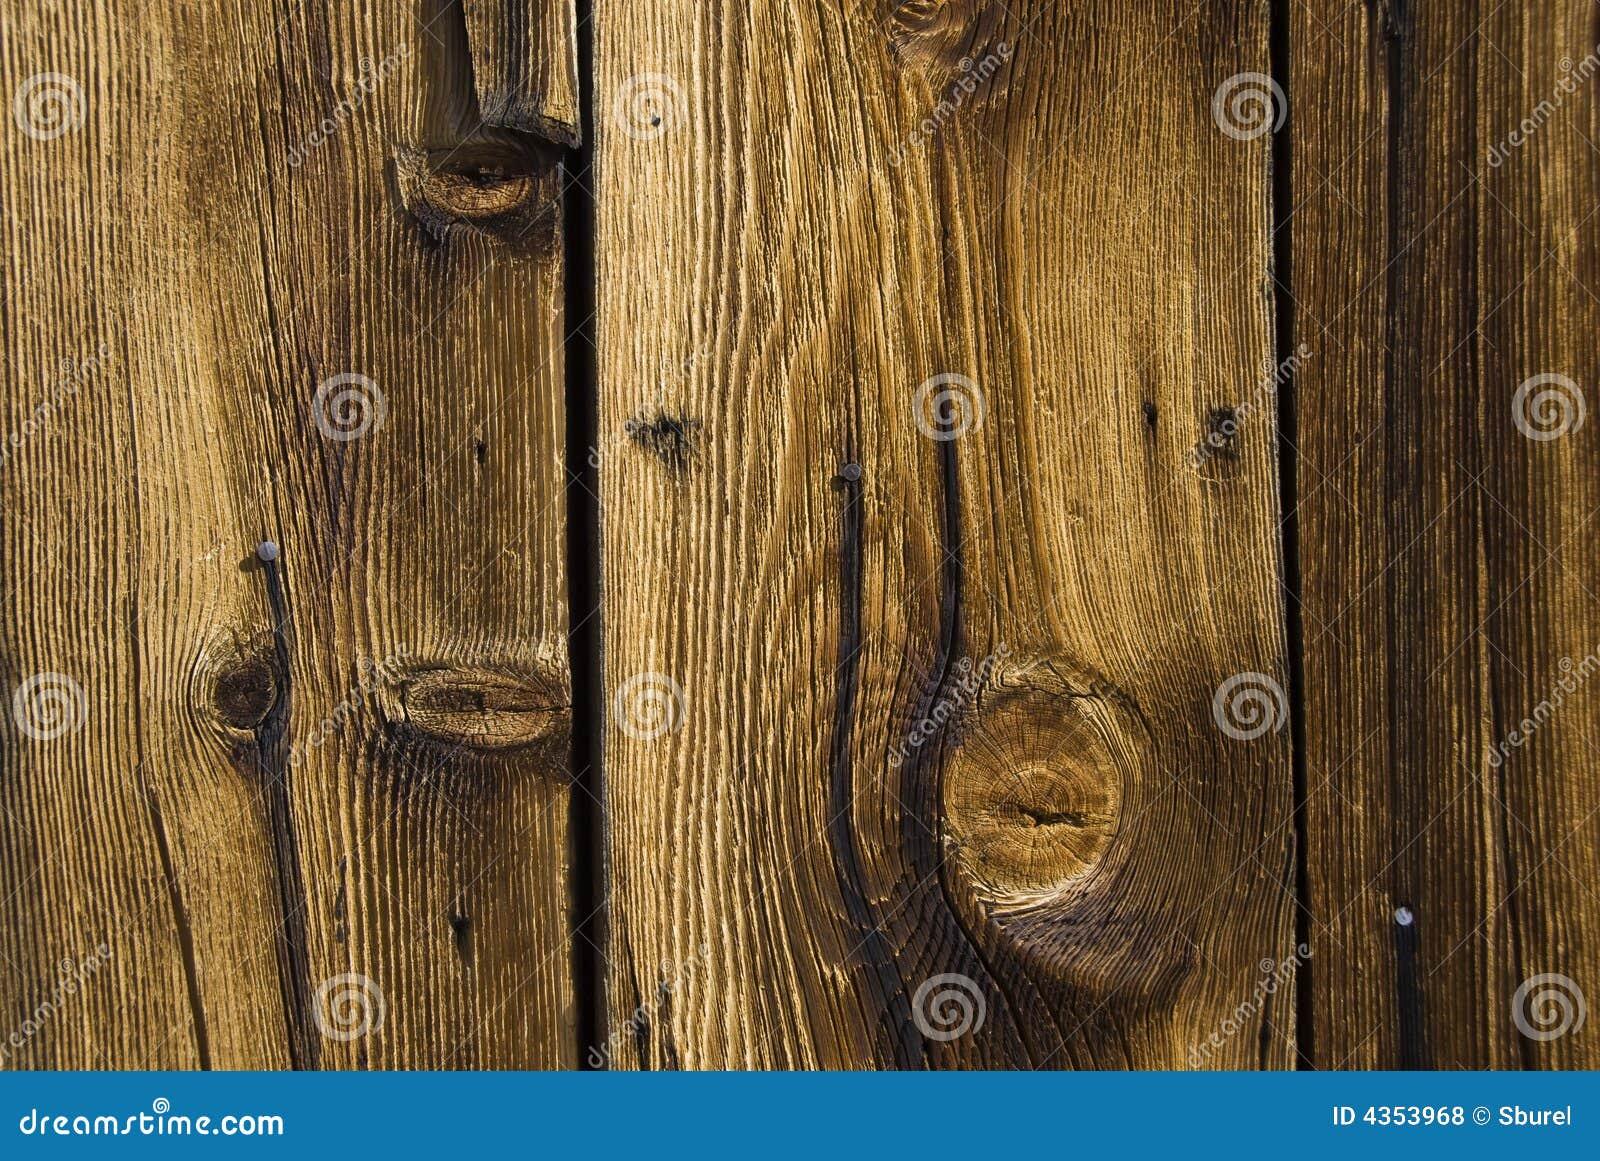 Texture de vieilles planches en bois photos libres de droits image 4353968 - Vieilles planches de bois ...